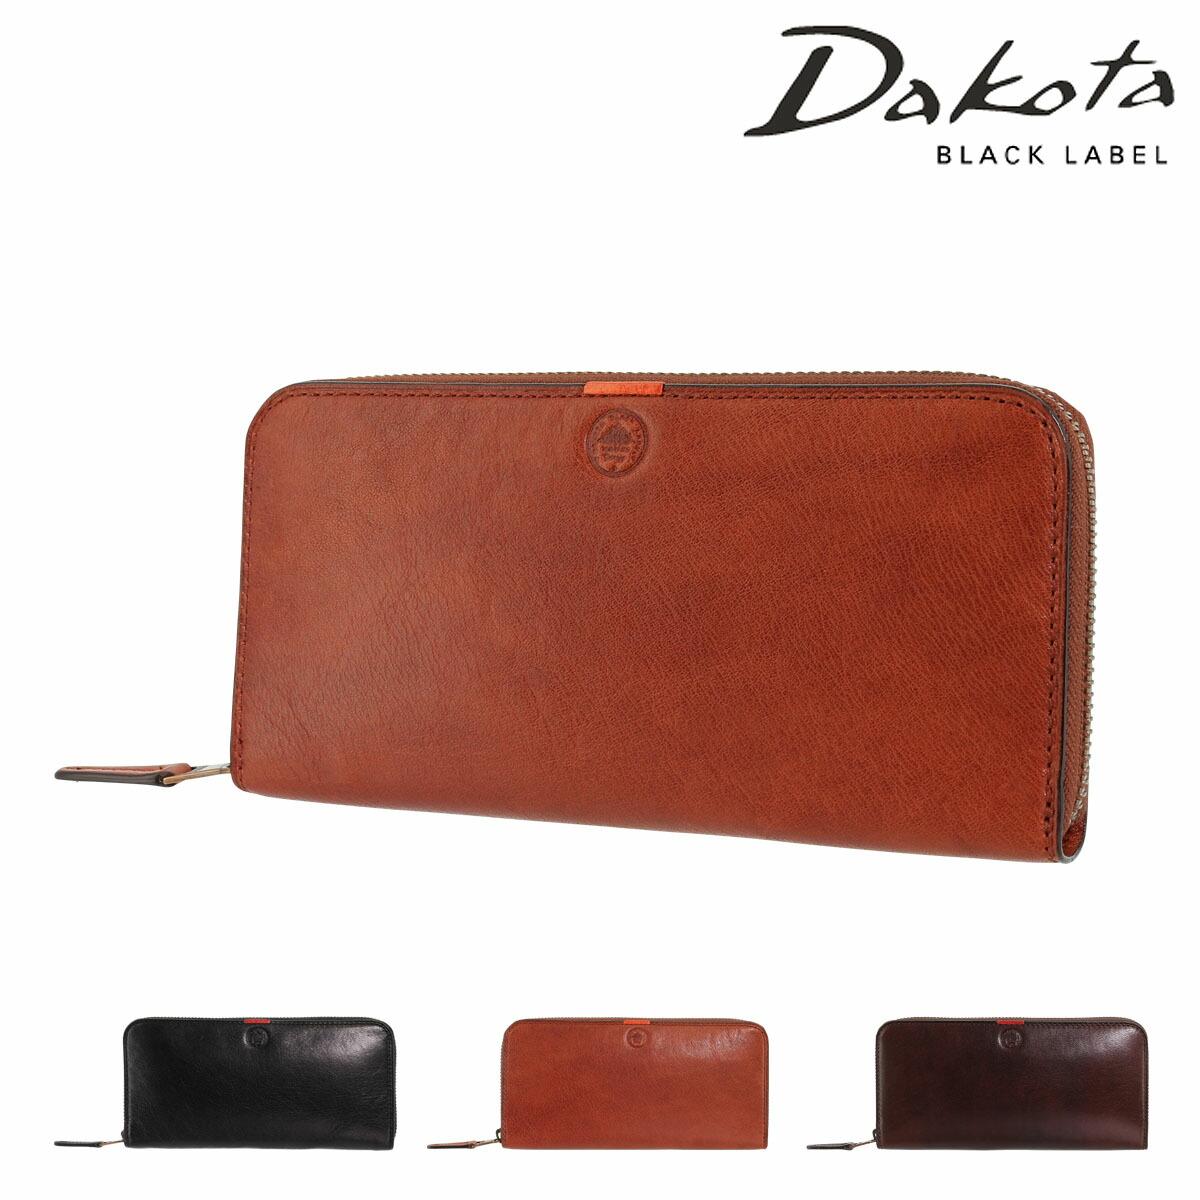 ダコタ 財布